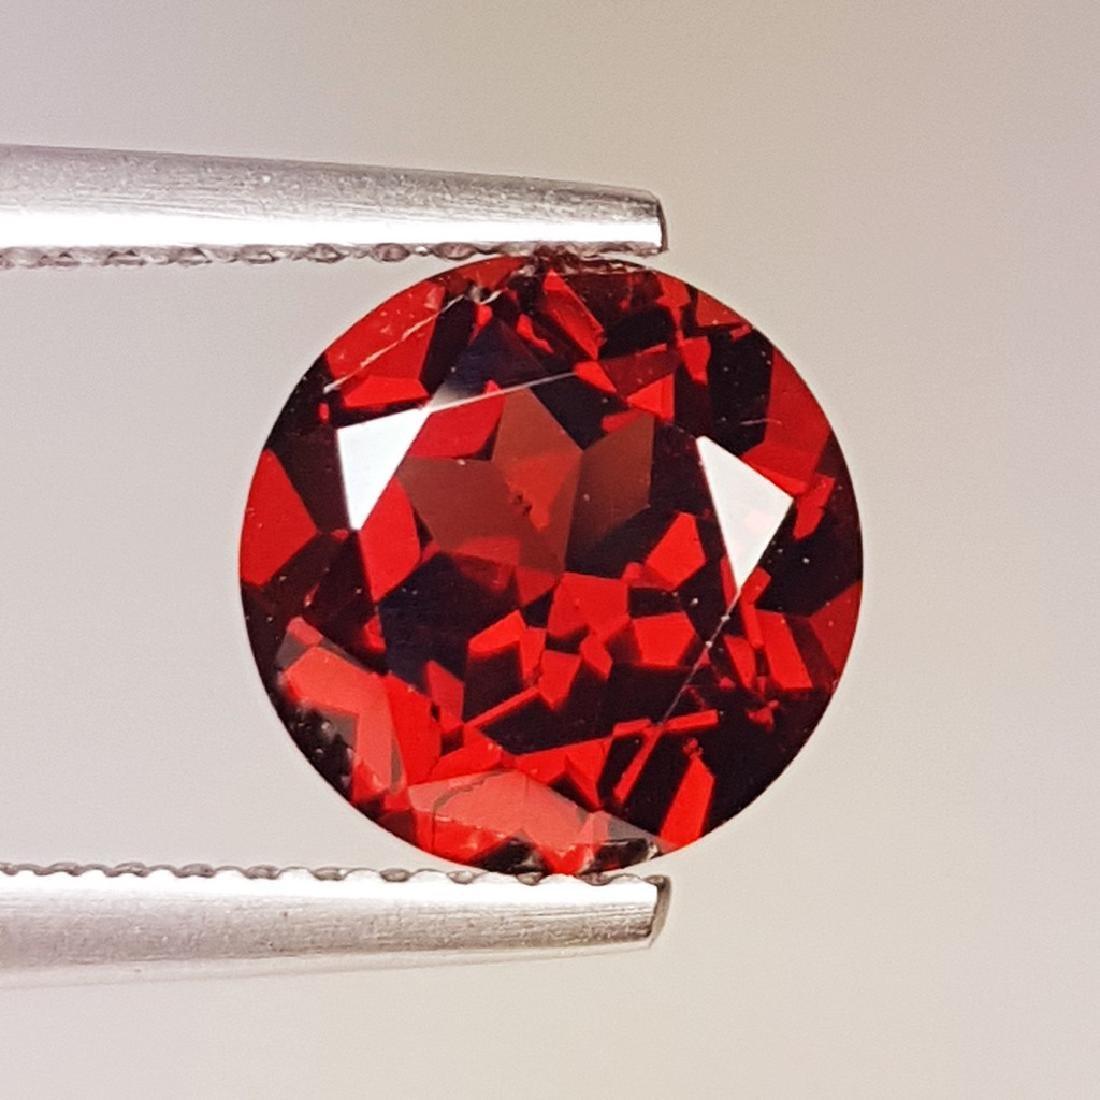 2.42 ct Fantastic Natural Pyrope - Almandite Red Garnet - 3